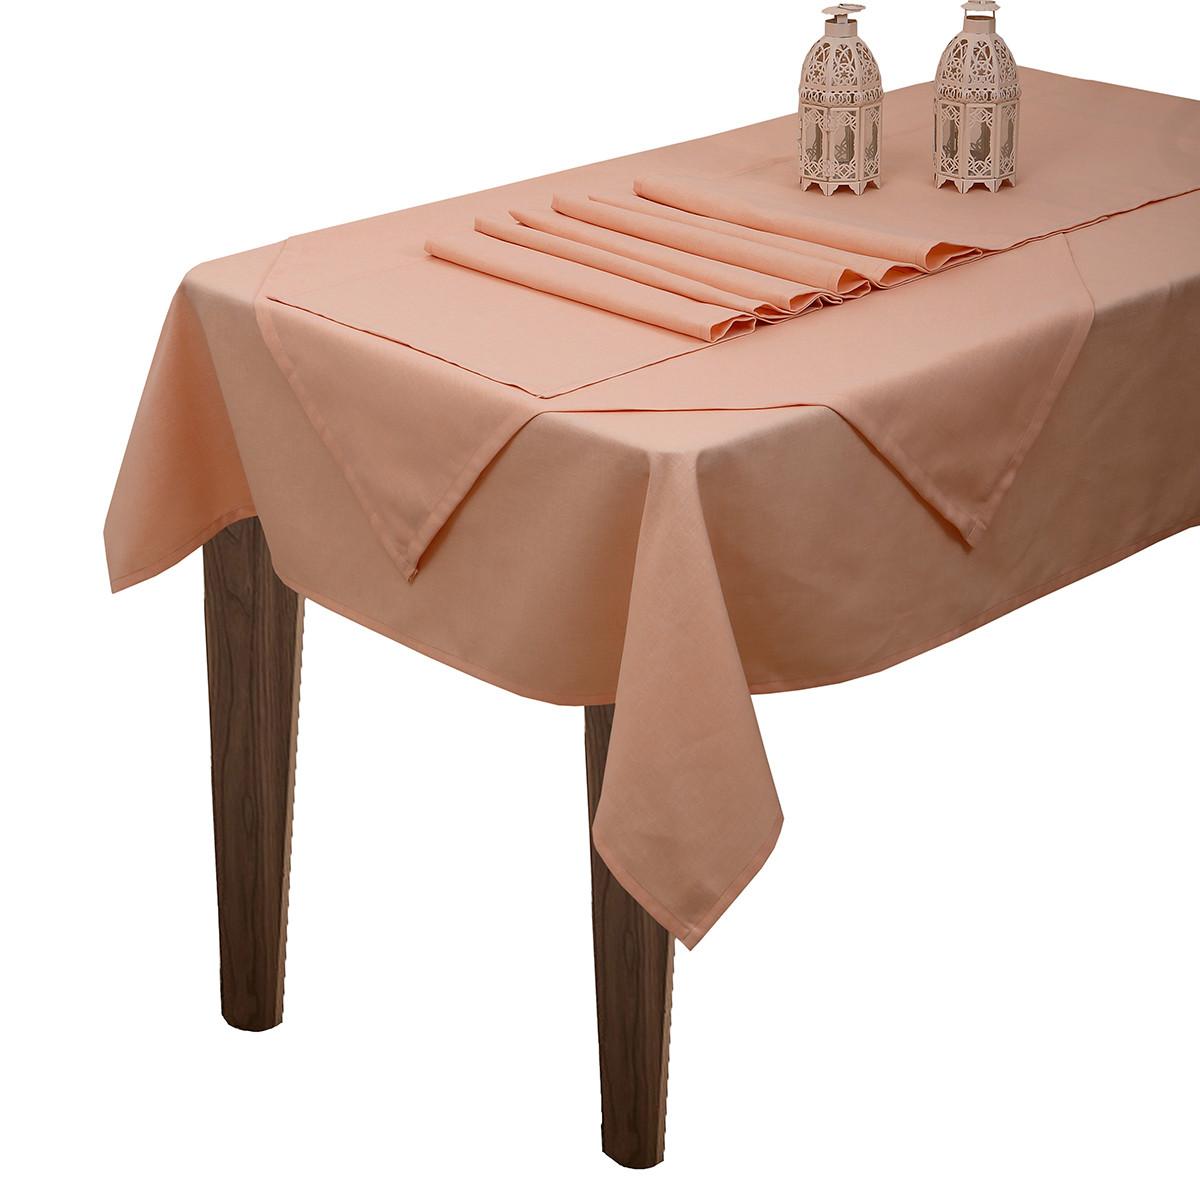 Τραπεζομάντηλο (160×160) Viopros Σάρα Χρ2